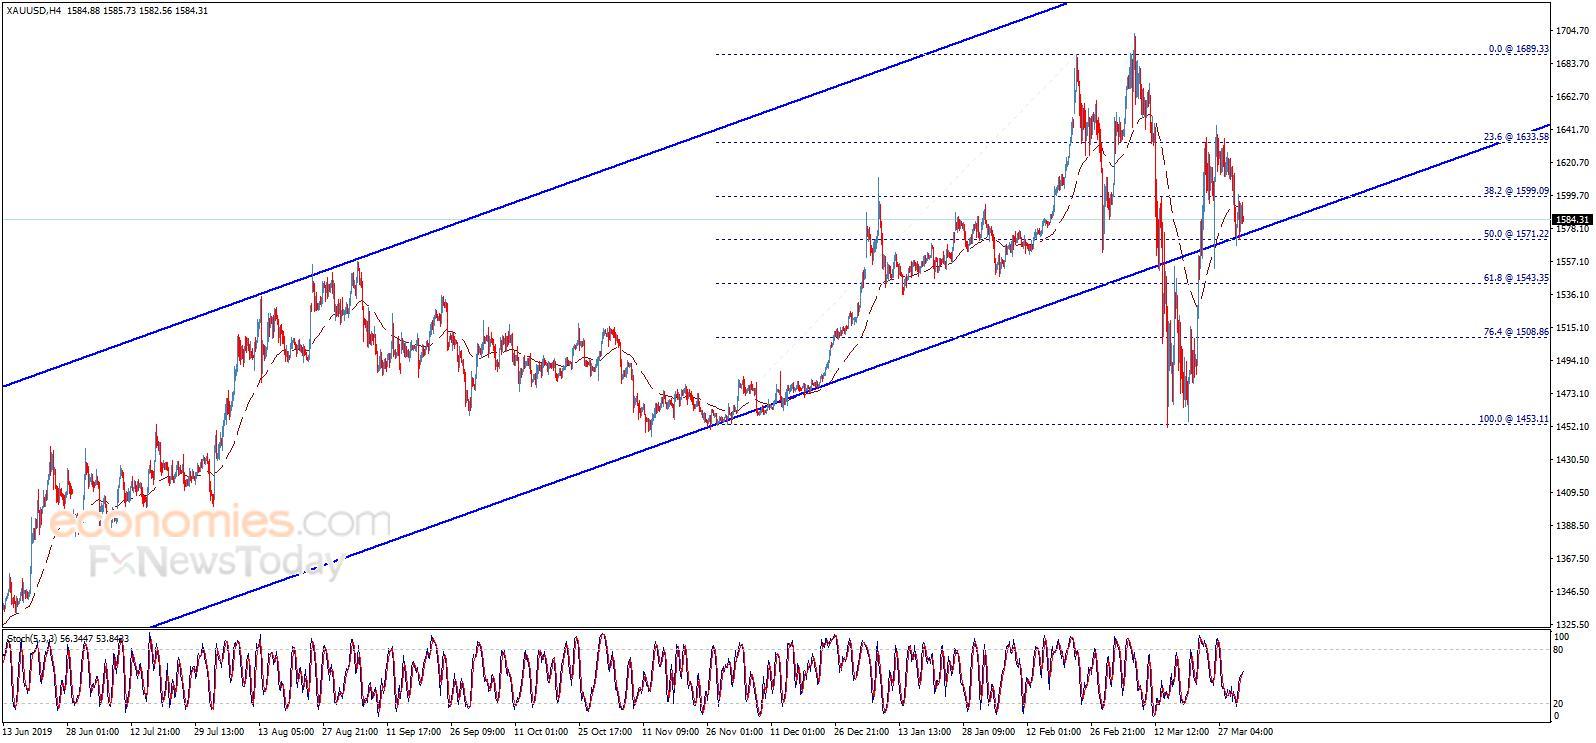 黄金日内交易分析:假如突破这一关键水平 金价有望再飙升近35美元